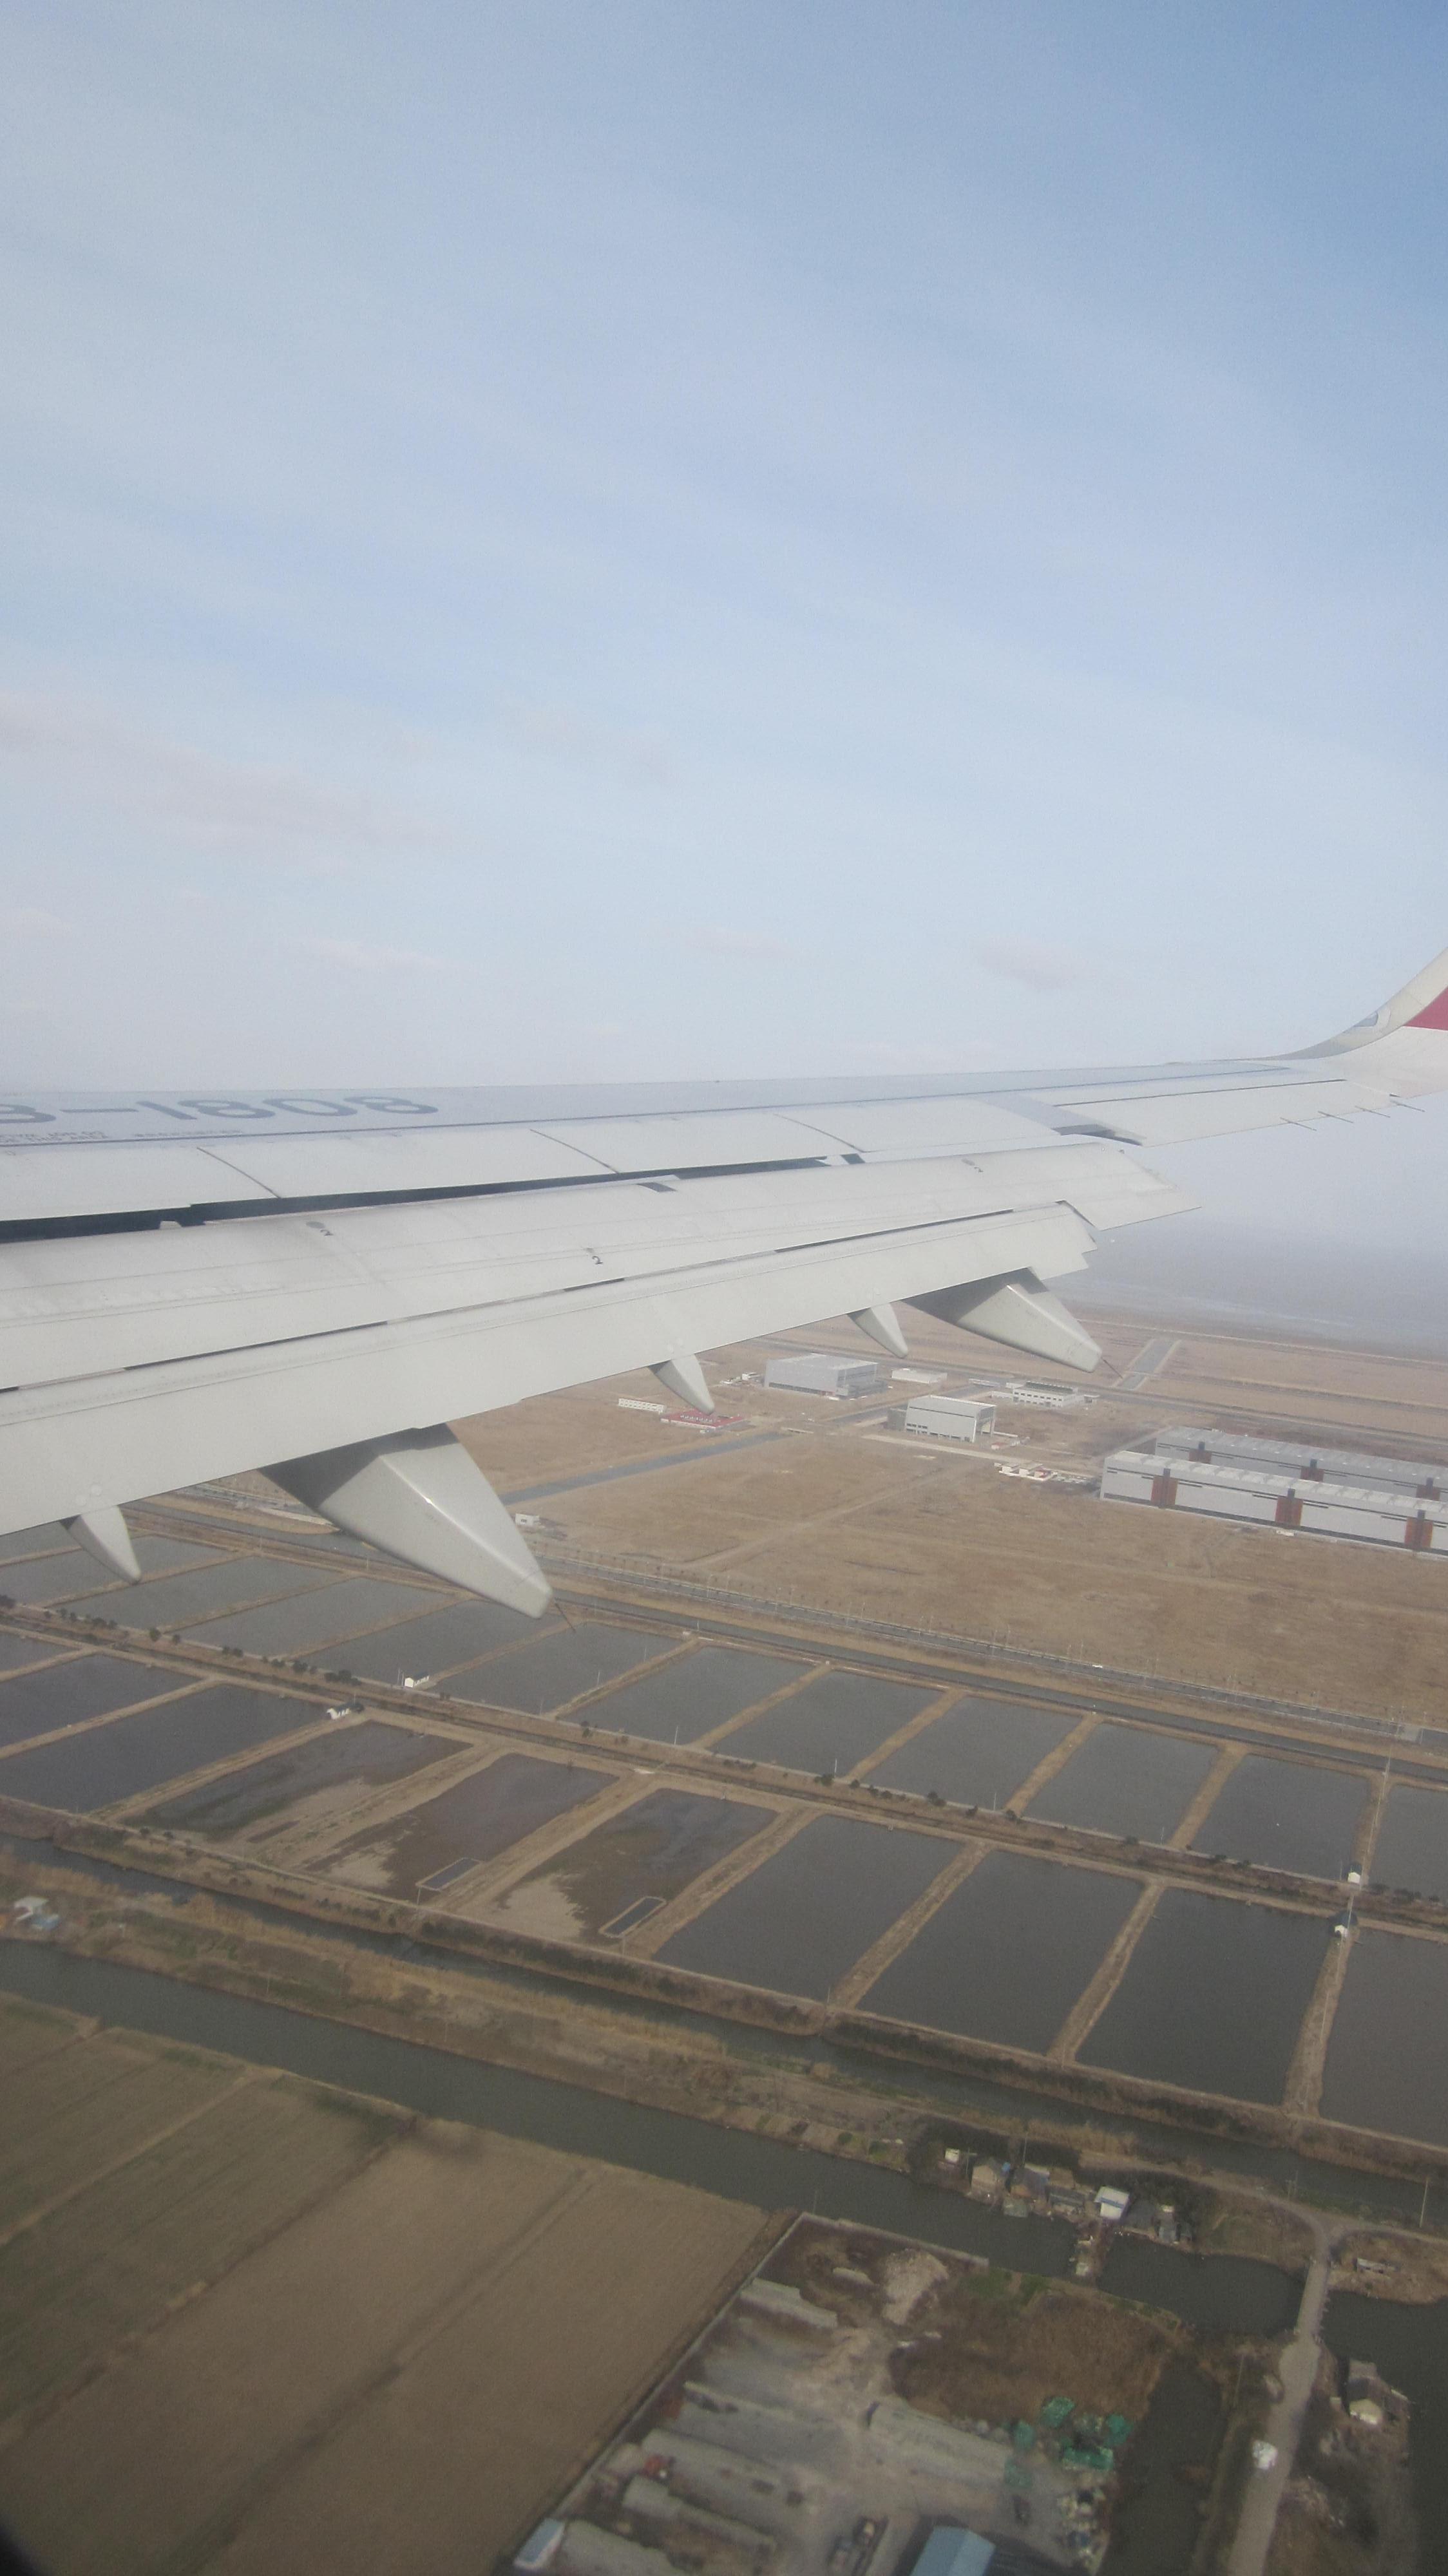 """飞机去往吉林,线路为""""吉林雾凇岛——雪乡——哈尔滨"""